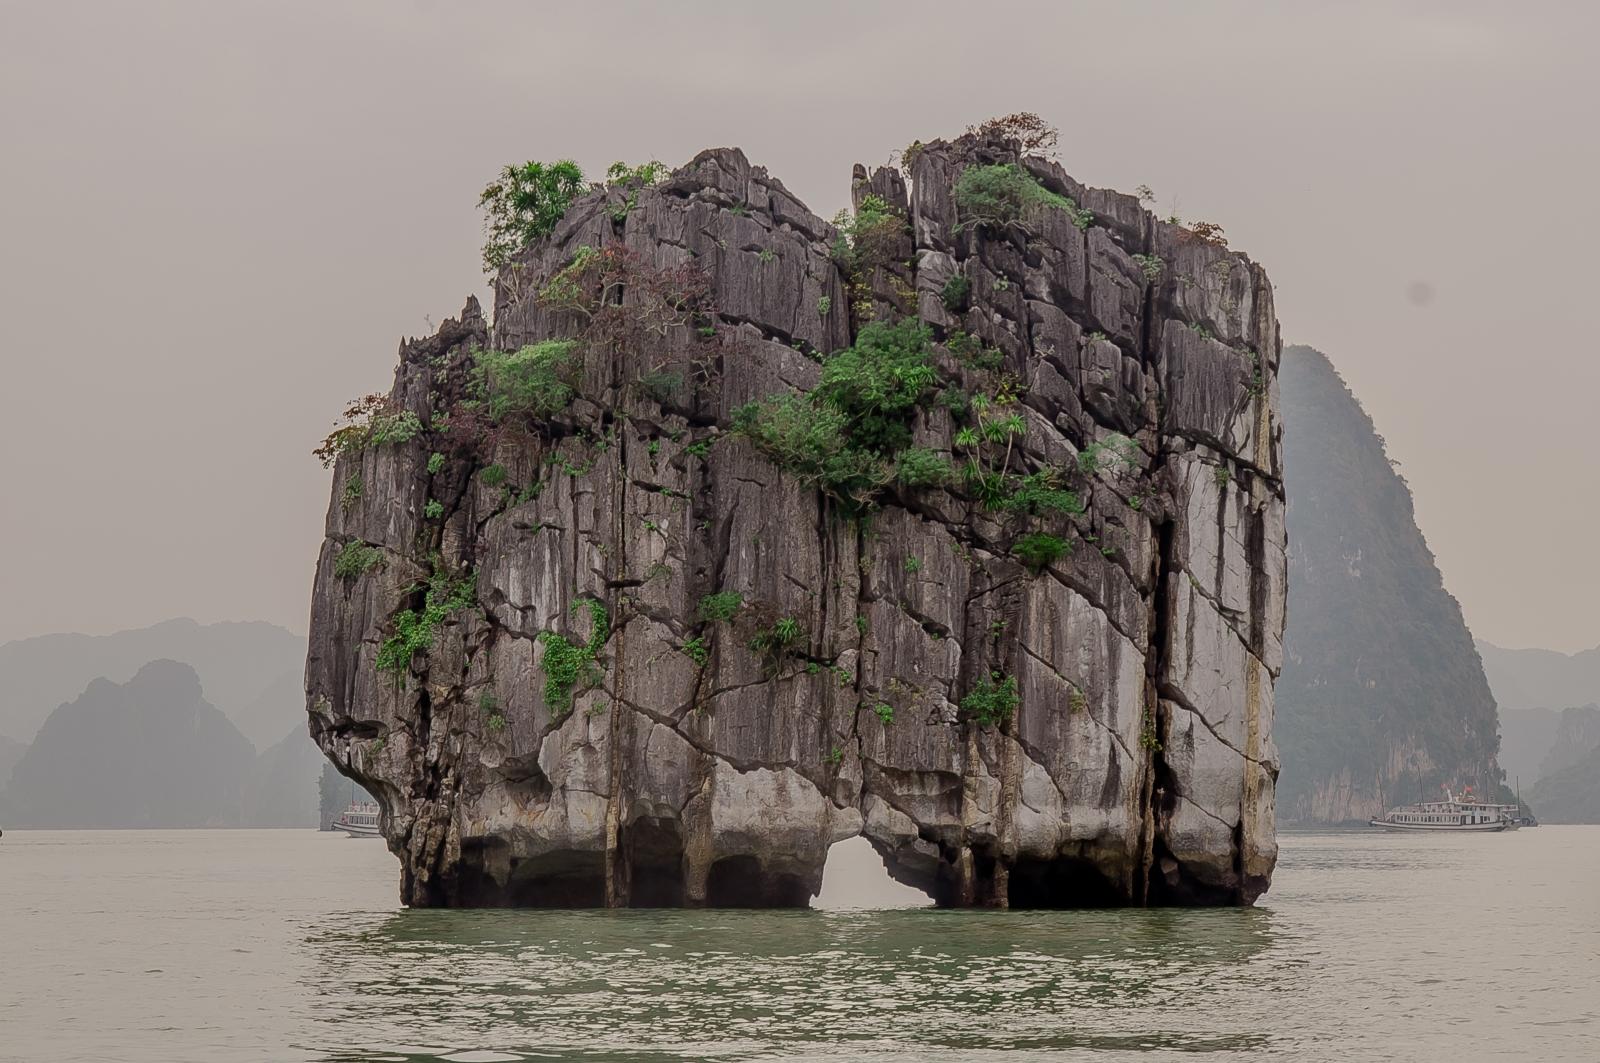 Đỉnh Lư Hương là hòn đảo xuất hiện trong tờ tiền mệnh giá 200.000vnđ của Việt Nam